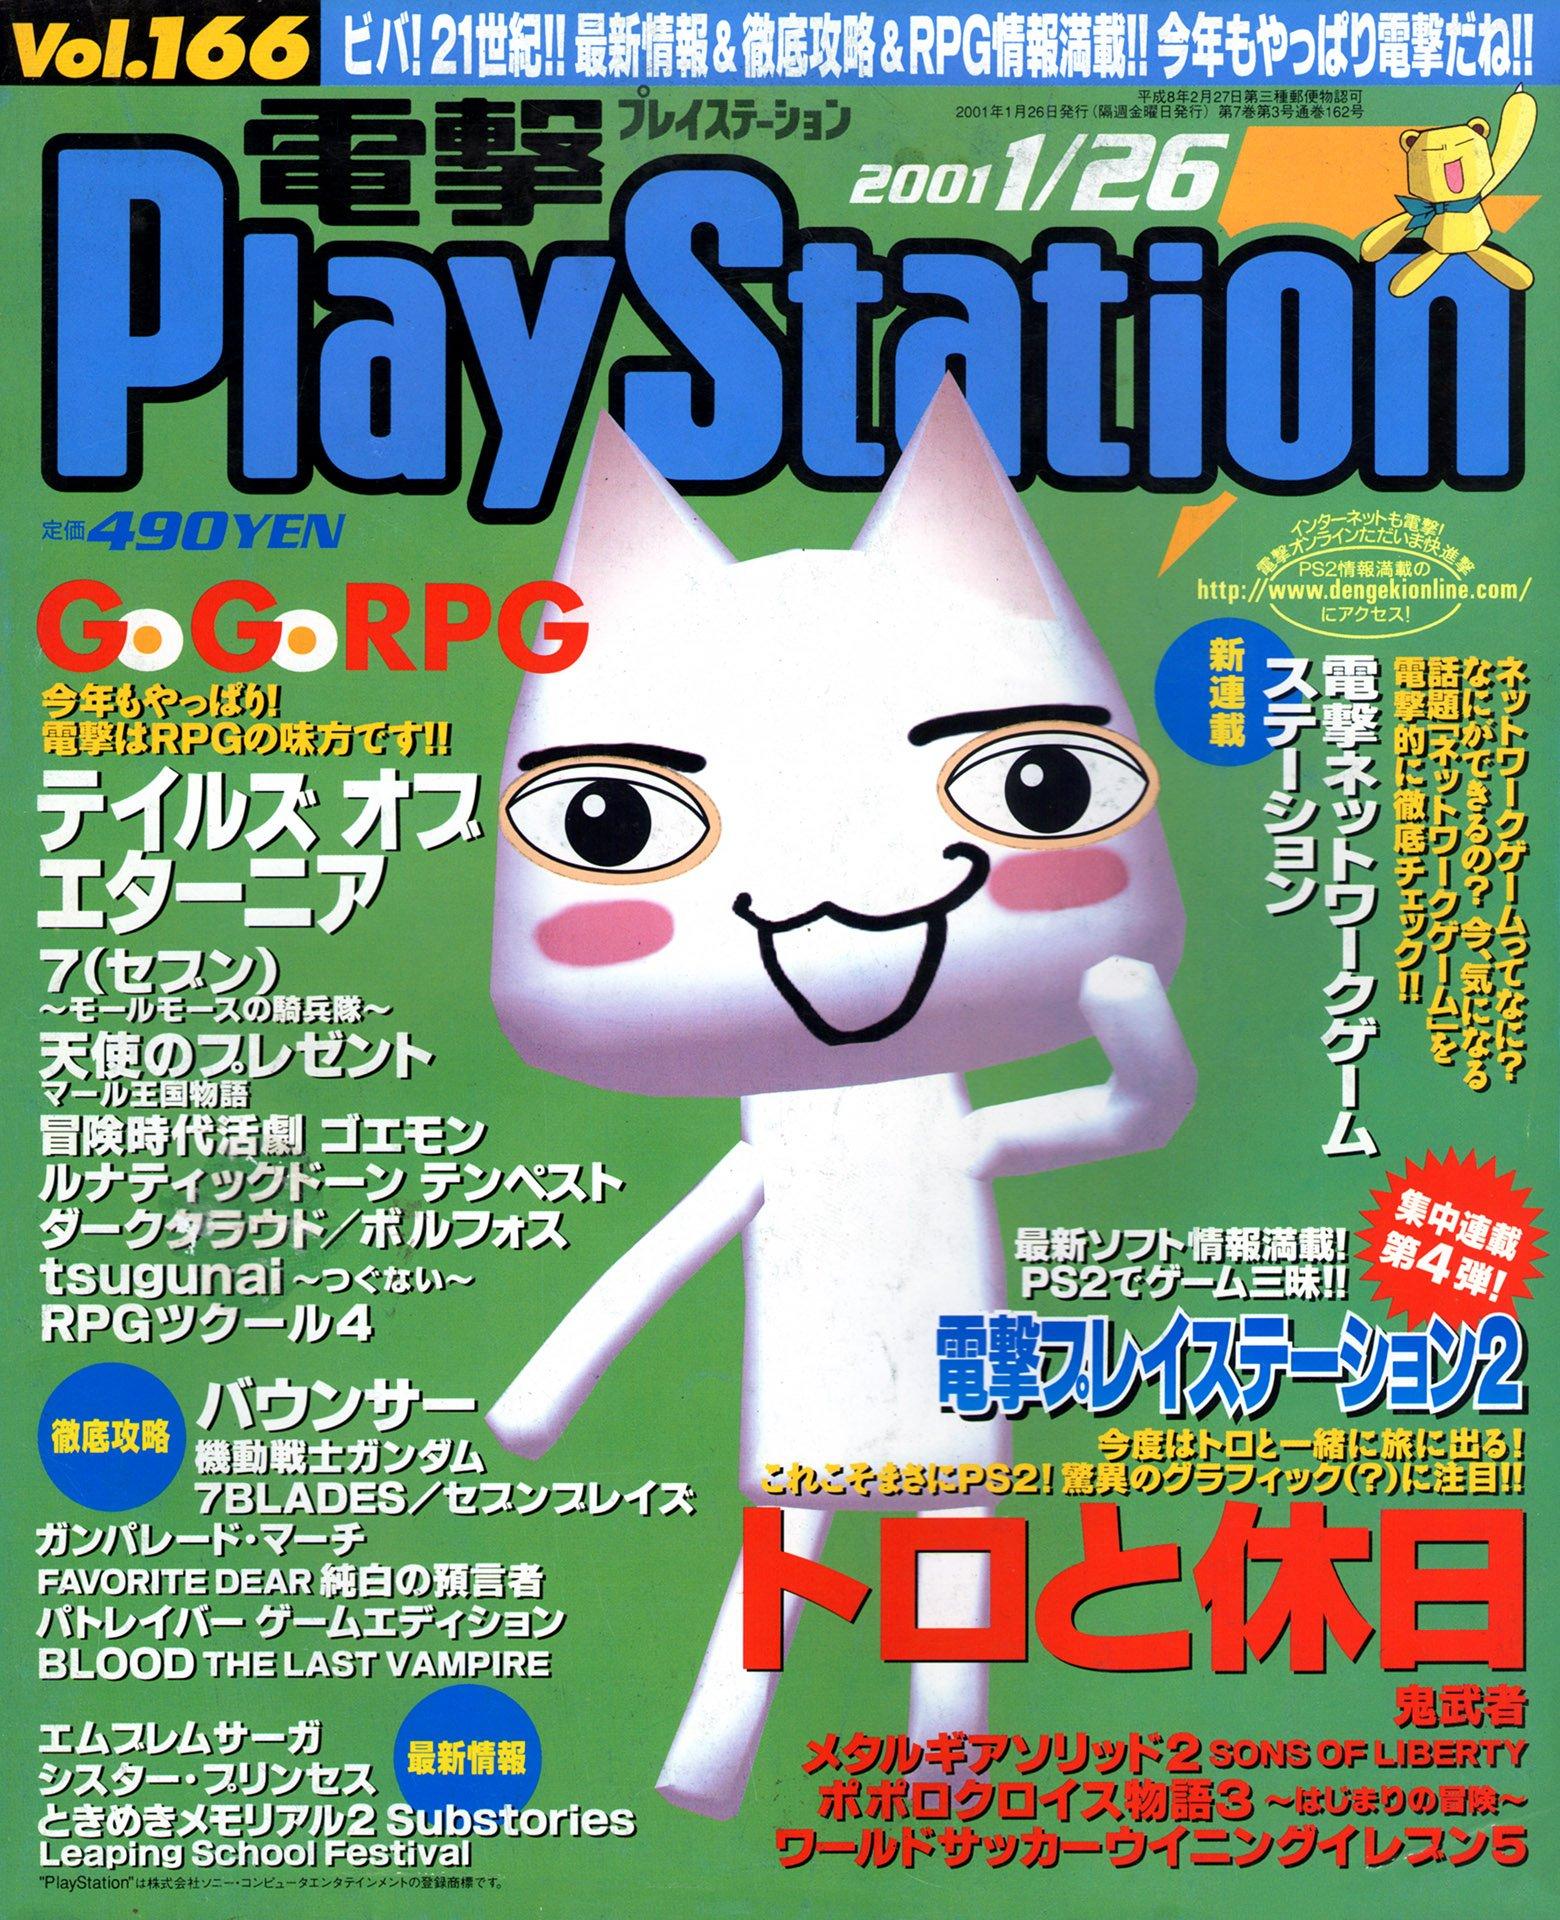 Dengeki PlayStation 166 (January 26, 2001)